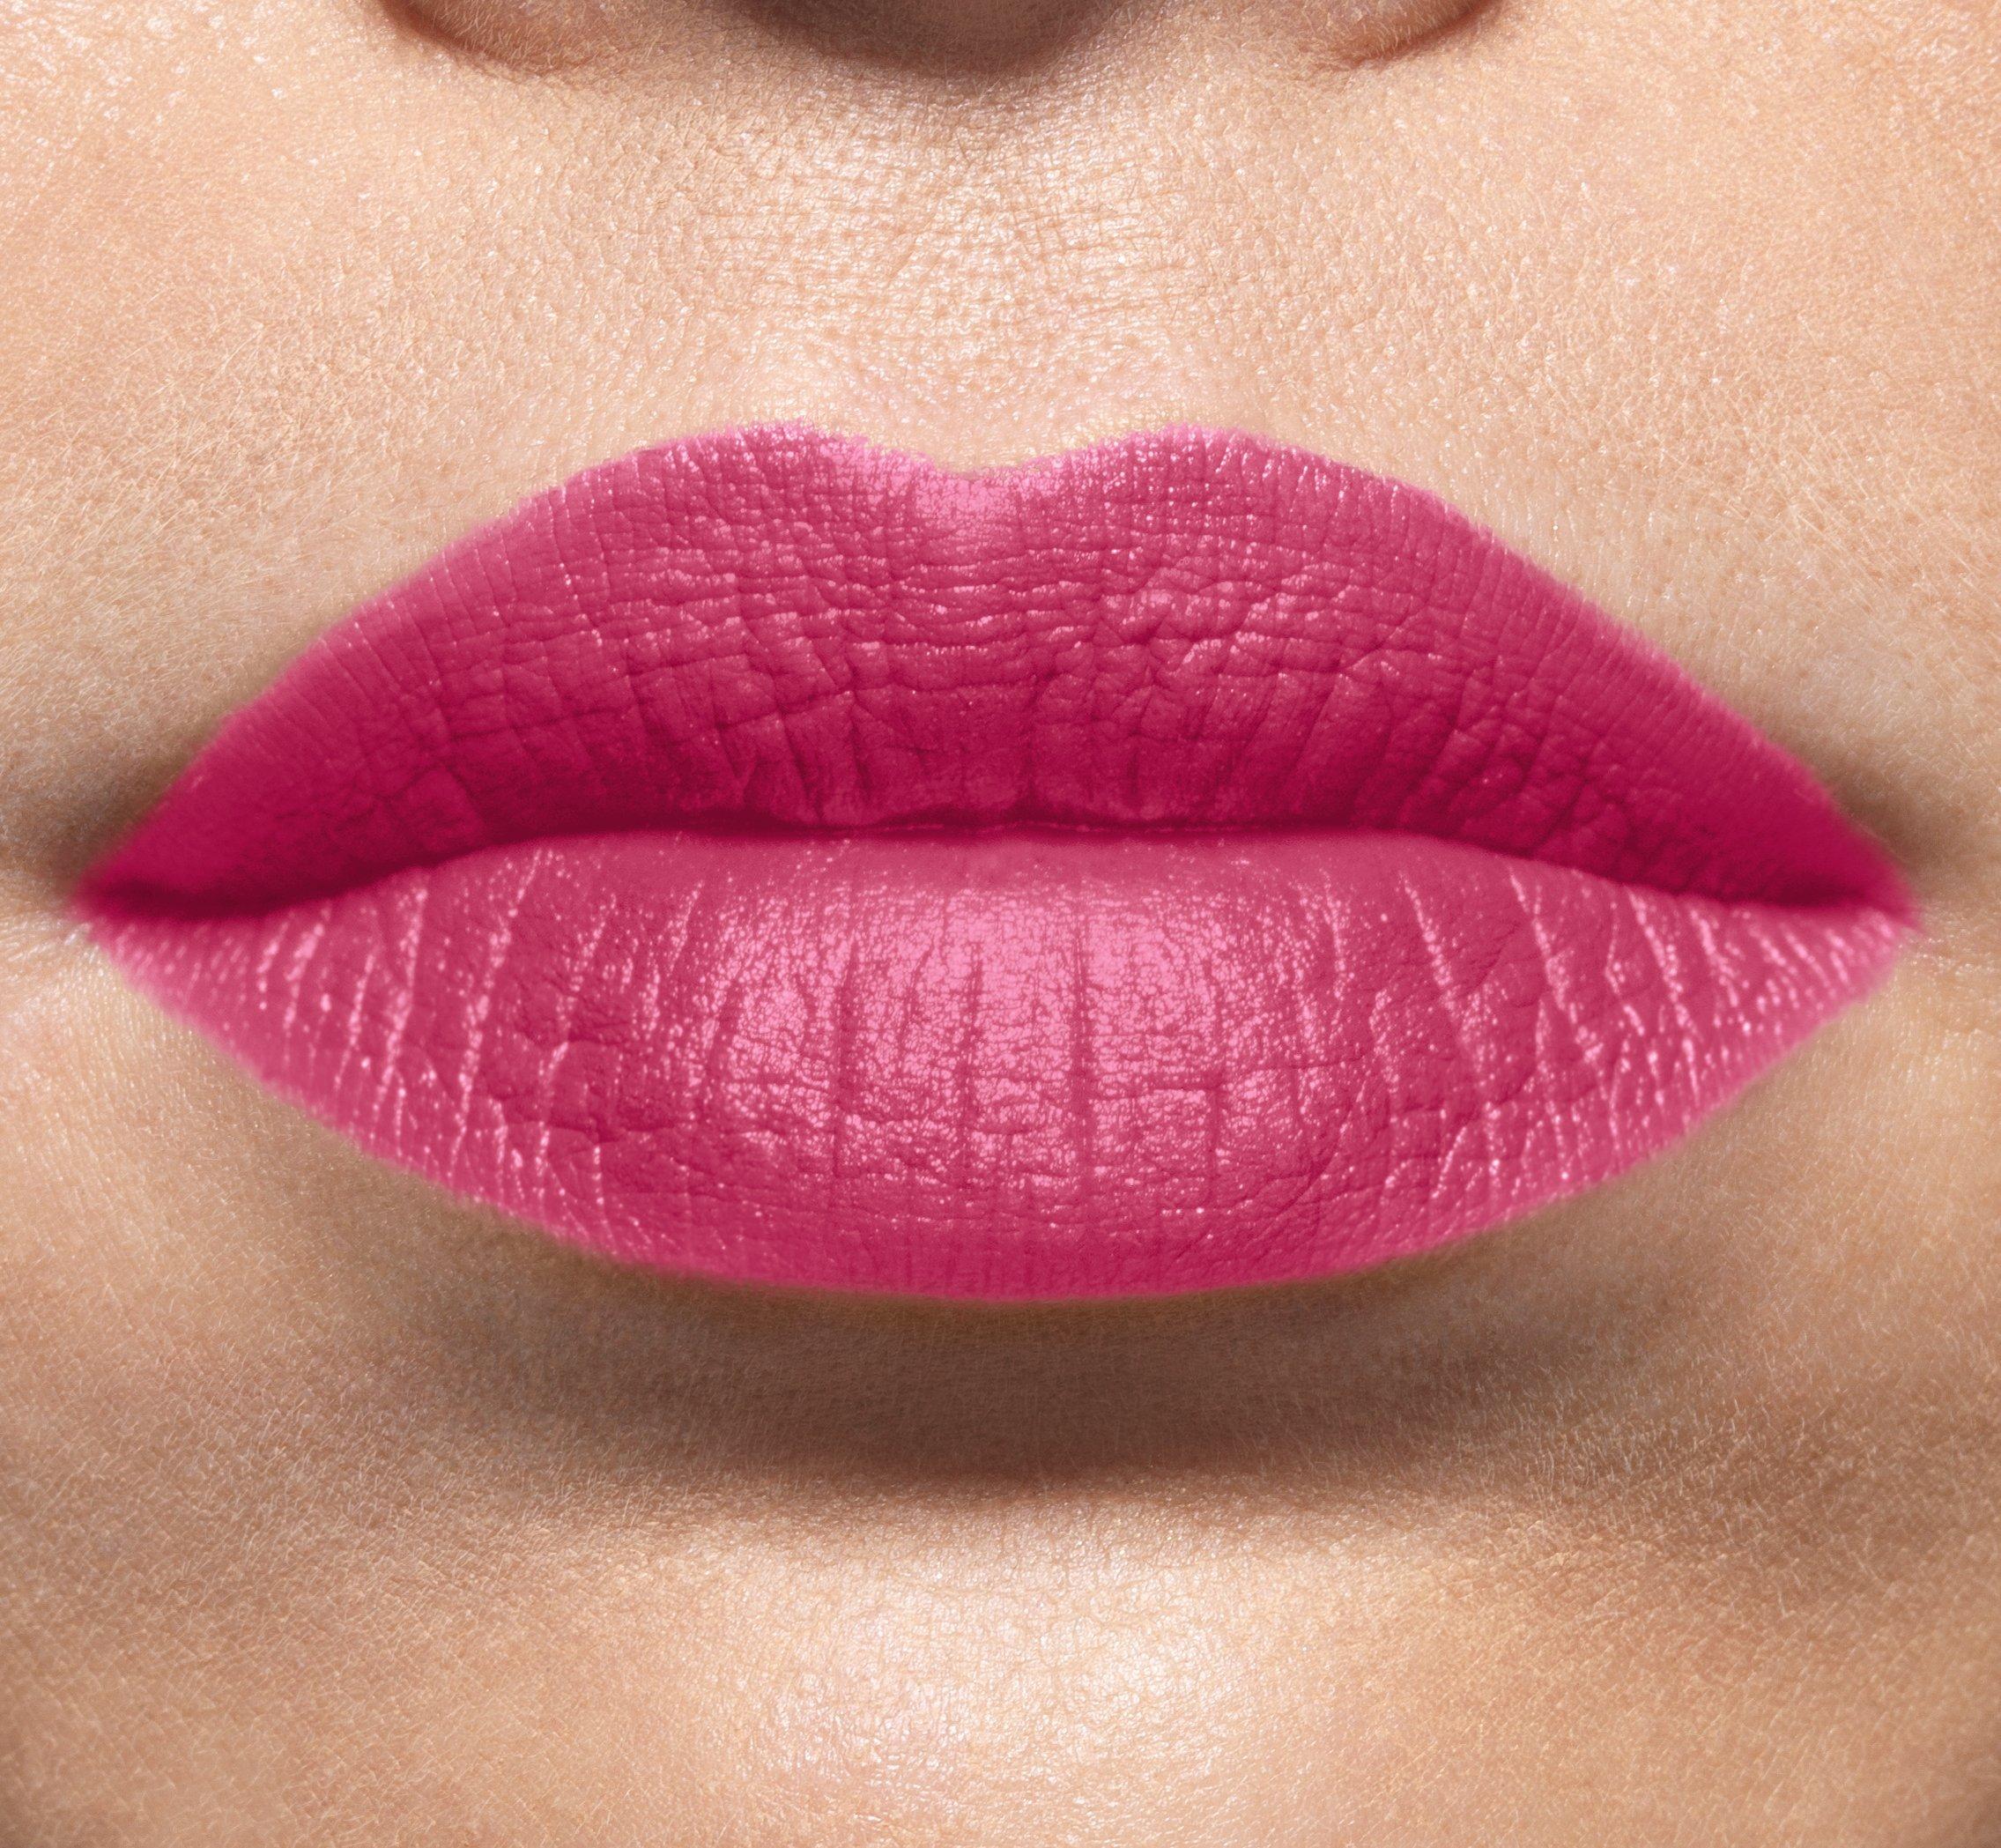 L'Oréal Paris Color Riche Mate Pintalabios mate rosa 101 Candy Stiletto